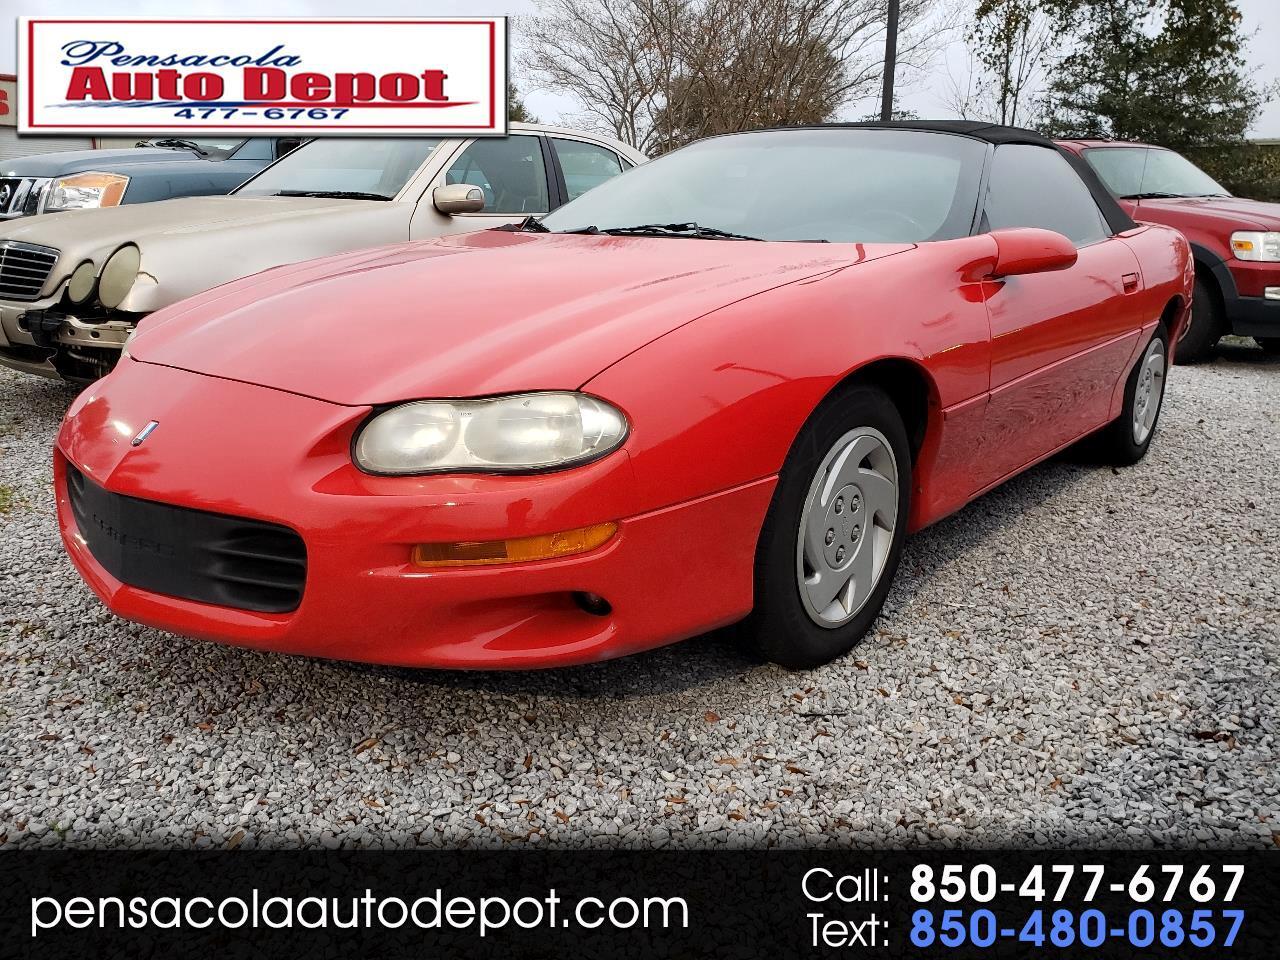 Chevrolet Camaro Convertible 2001